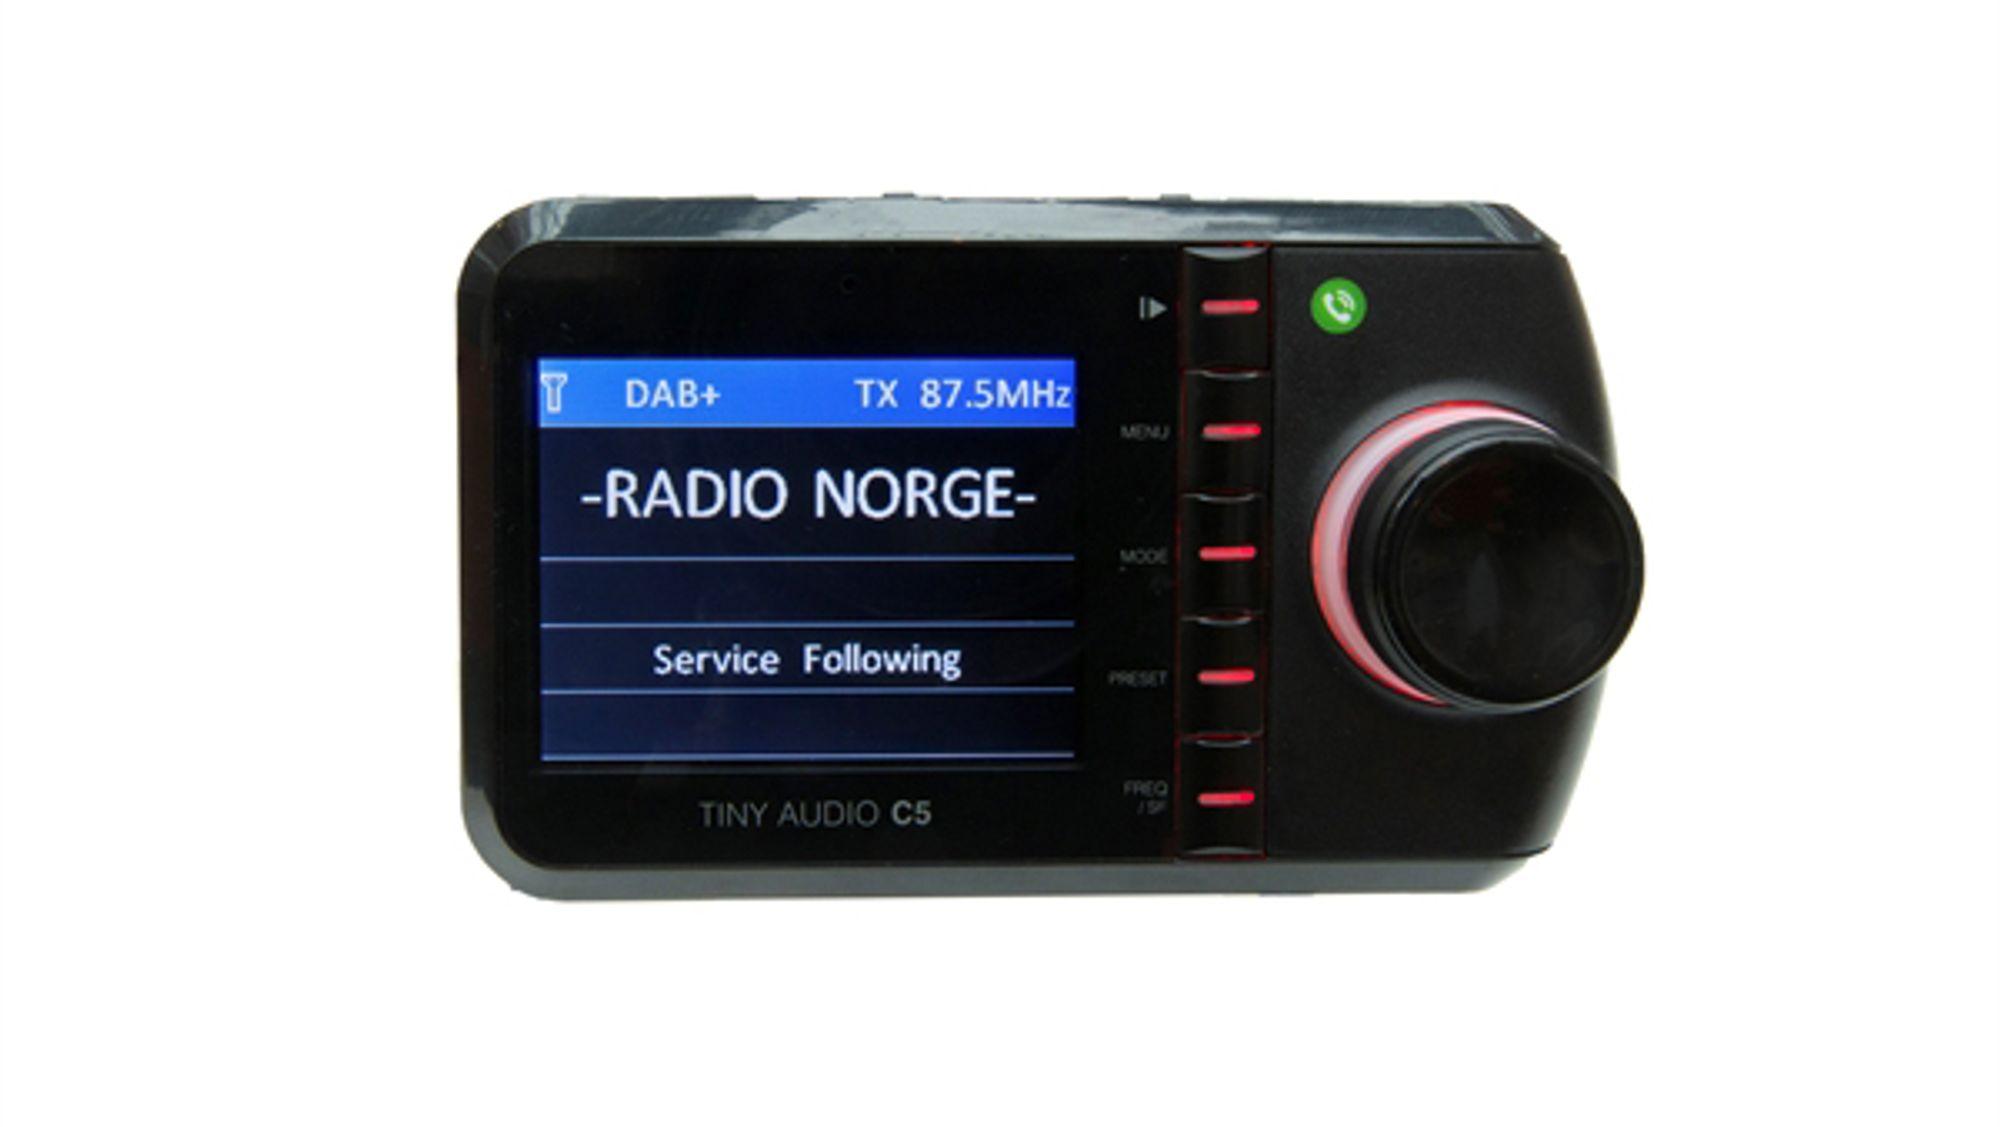 I dagens luke finner du en Tiny Audio C5 DAB-adapter til bil.